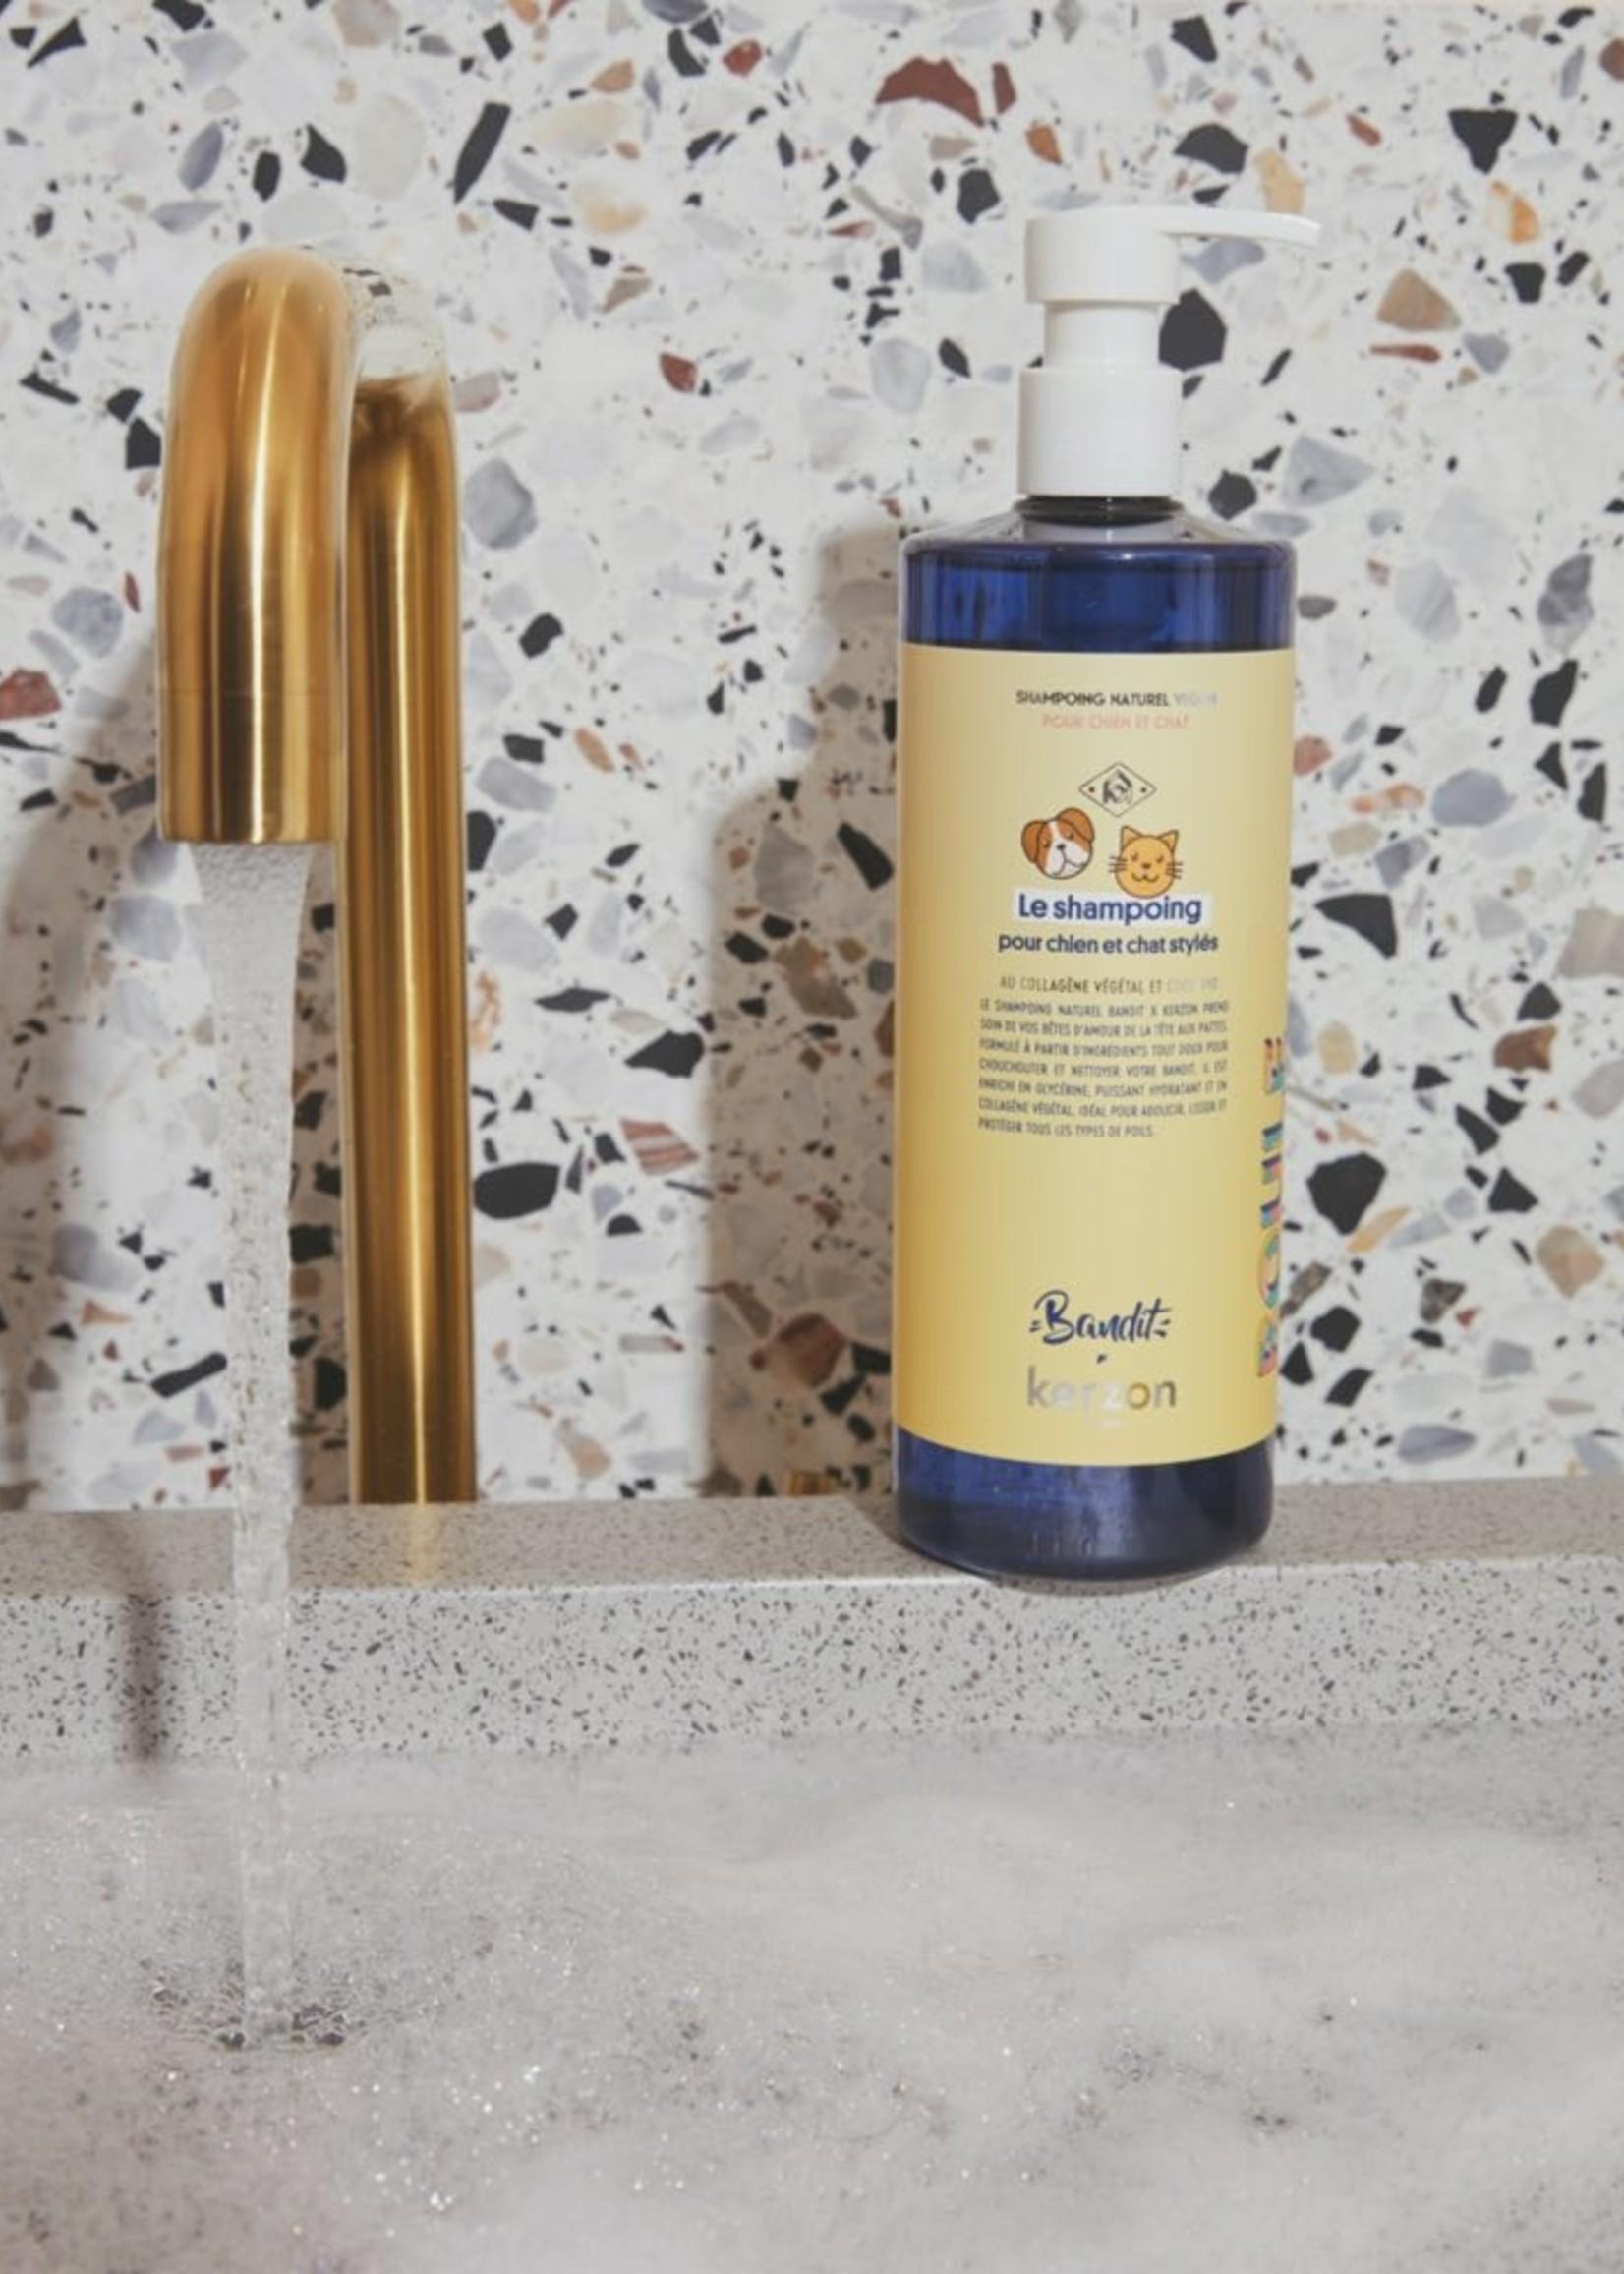 Kerzon Shampoo Dog and Cat - Kerzon x Bandit